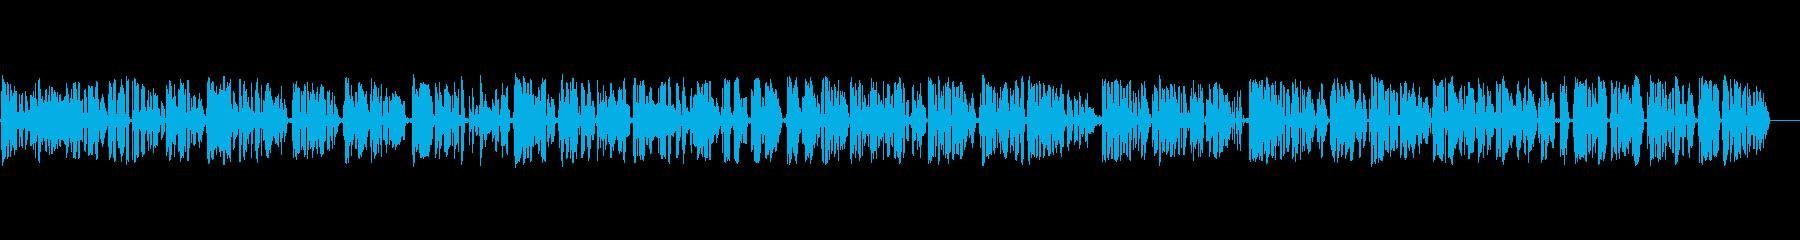 テレビ;男性のニュースレポート、音...の再生済みの波形